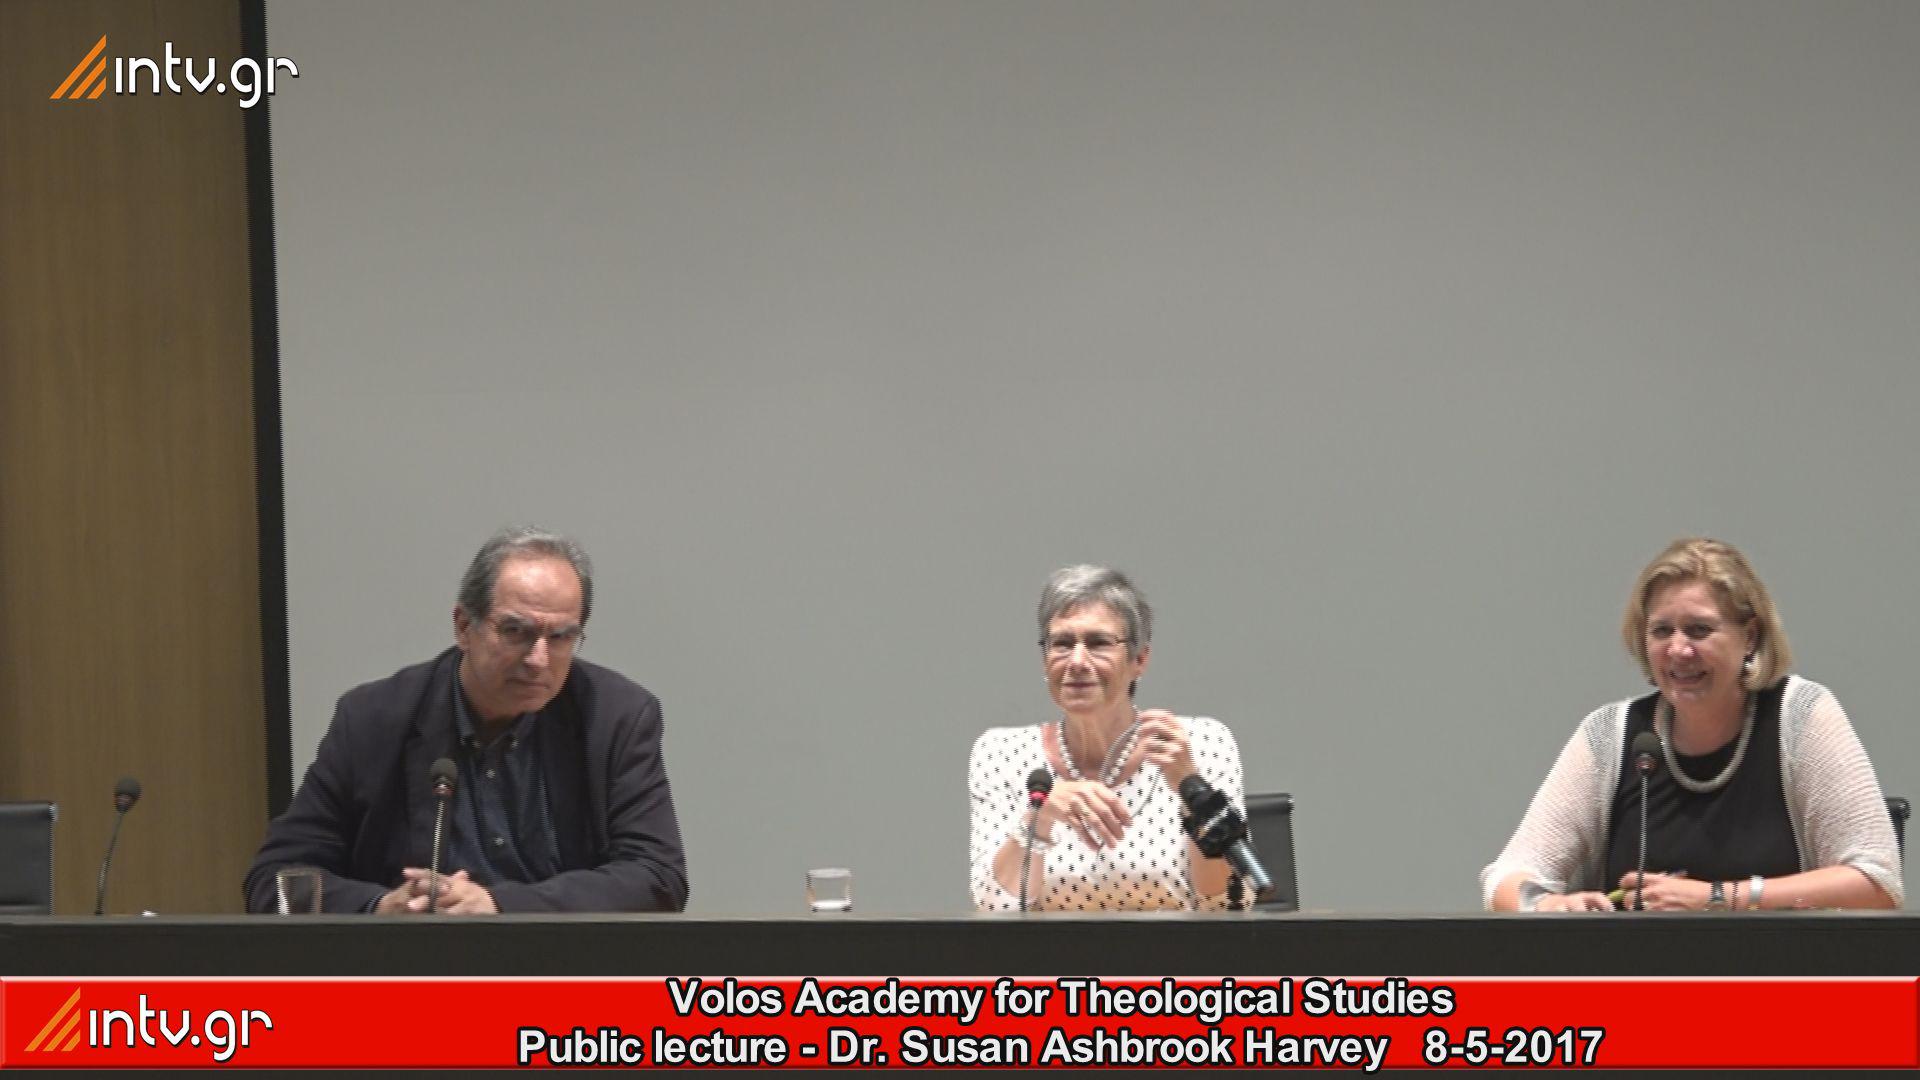 """Ακαδημία Θεολογικών Σπουδών Βόλου - θέμα: """"Φωνές της Λειτουργίας: Φύλο και επιτέλεση (performance) στην λατρευτική πρακτική της πρώιμης βυζαντινής Εκκλησίας"""" - Διάλεξη της  Susan Ashbrook Harvey"""